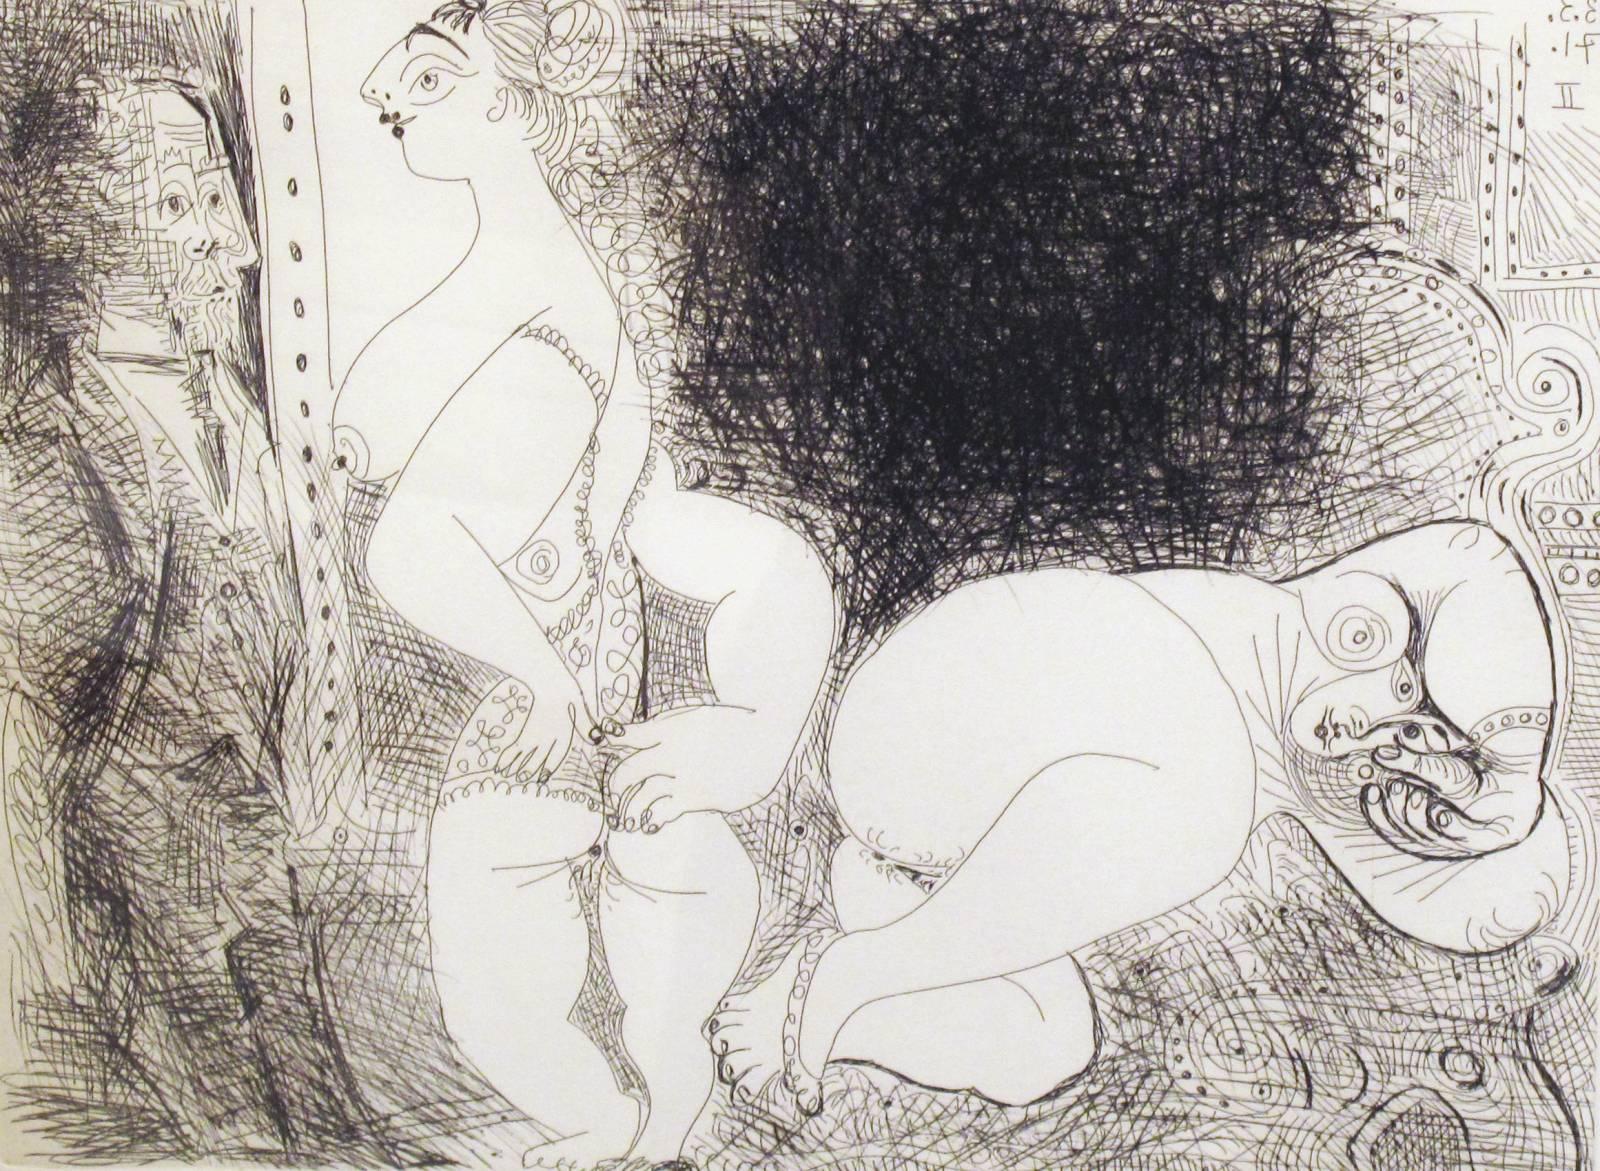 Pablo Picasso, Sans titre, 13. Mars, 1971